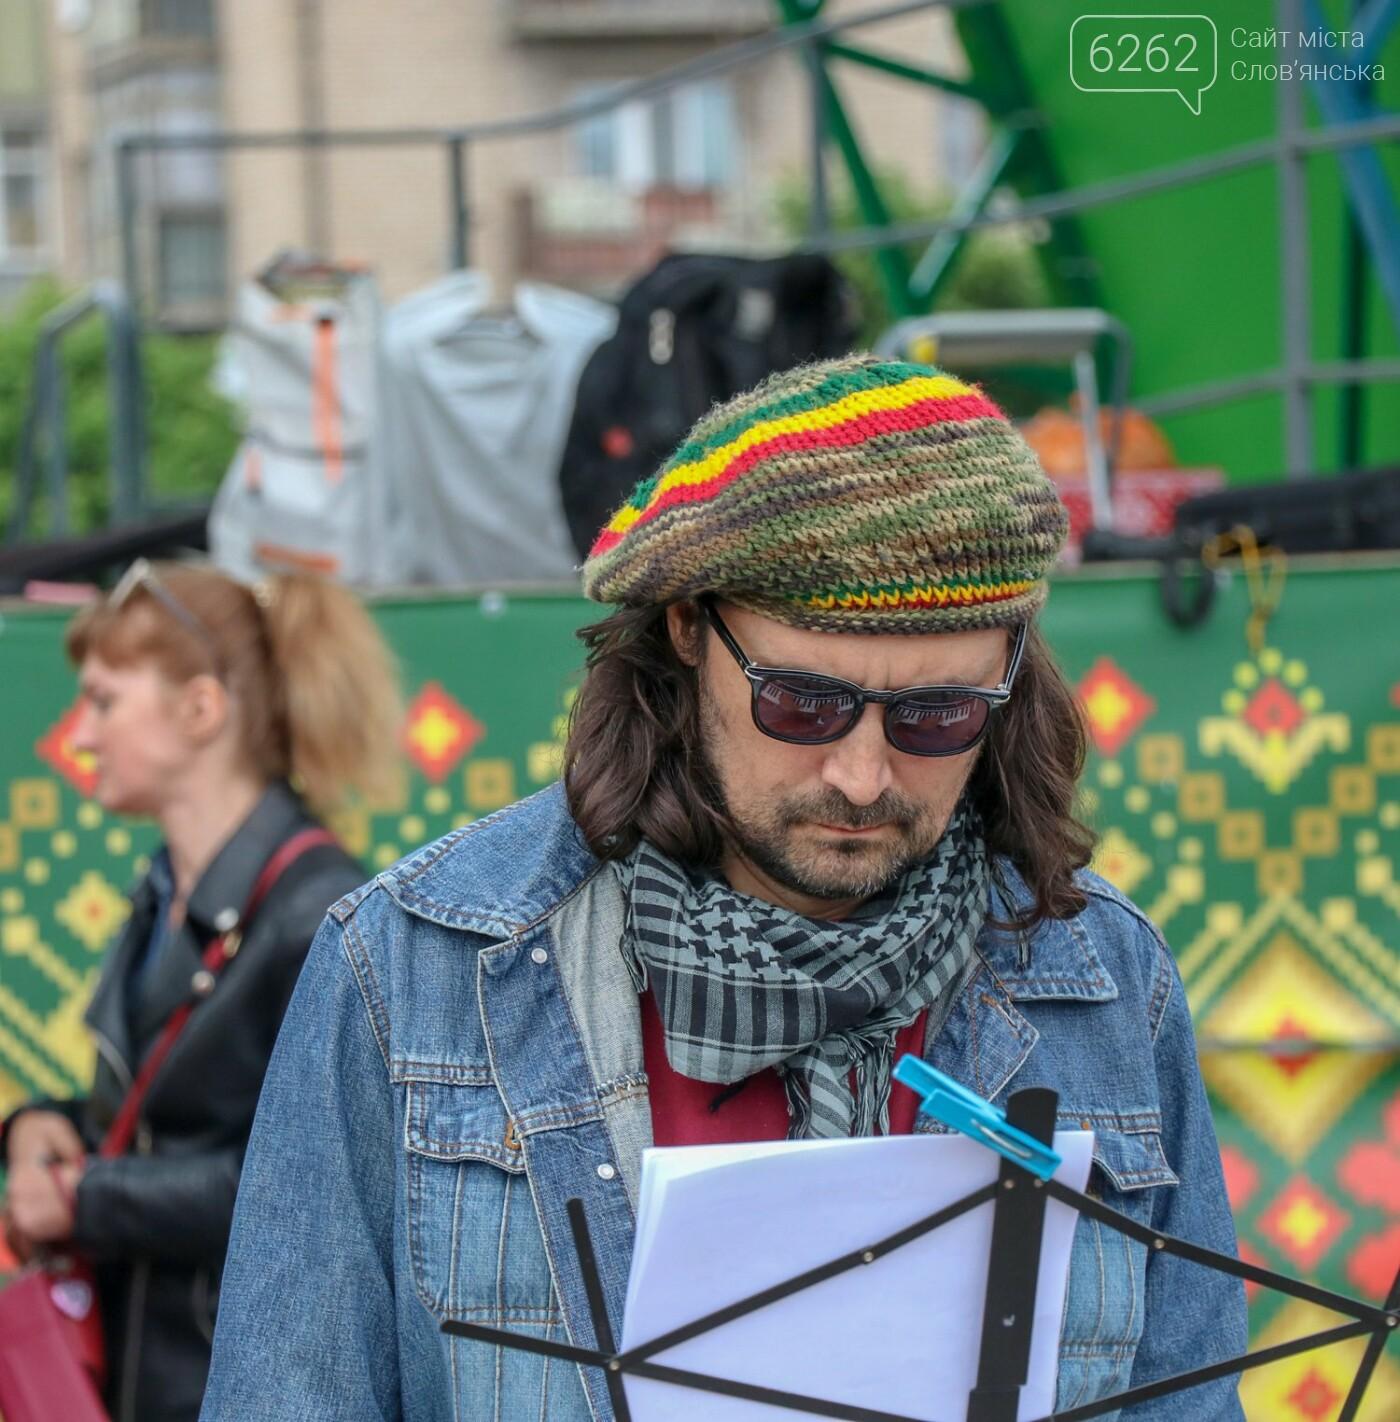 Скрипка, джаз та вечірні танці - яким був День вуличної музики у Слов'янську, фото-9